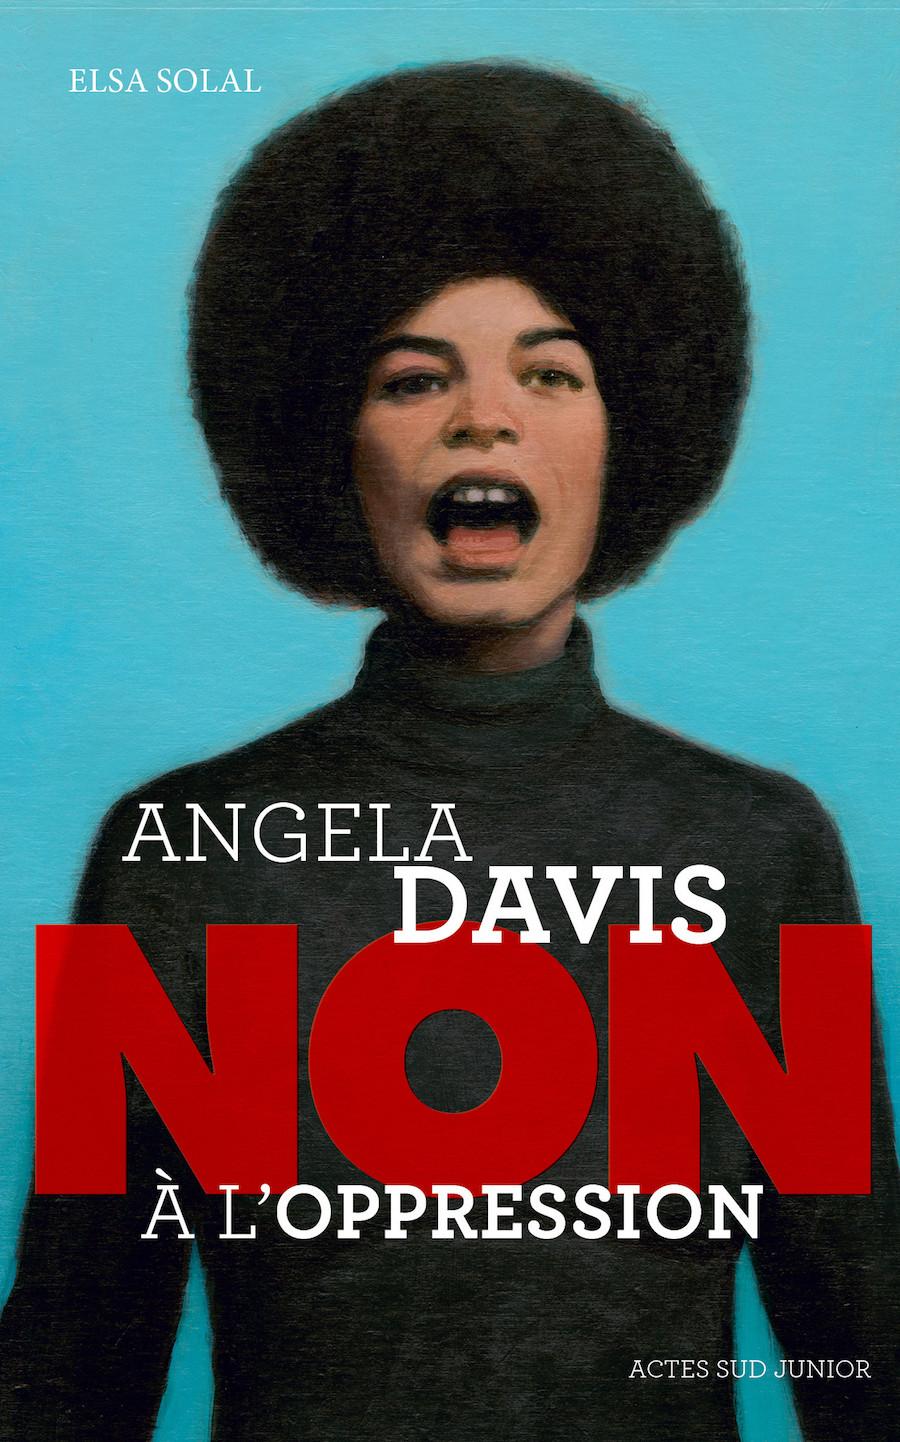 Un livre sur cette grande figure du mouvement noir américain, intellectuelle, militante féministe toujours en lutte. Par Actes Sud Junior.